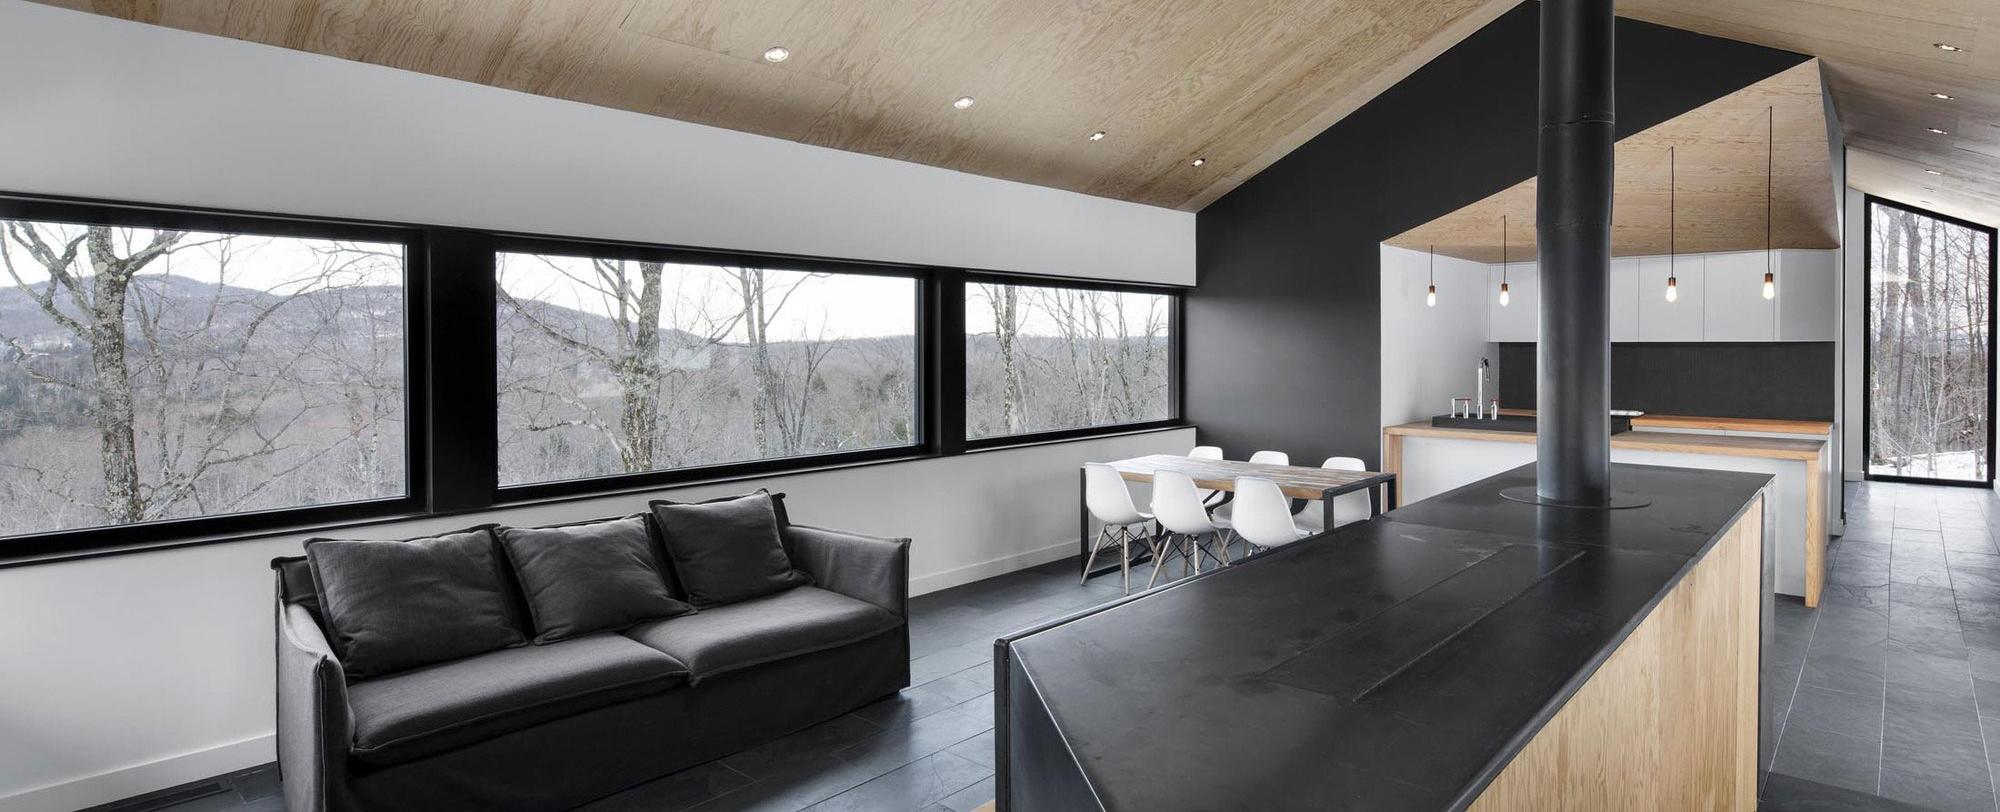 使用断桥铝门窗装修让家更舒适